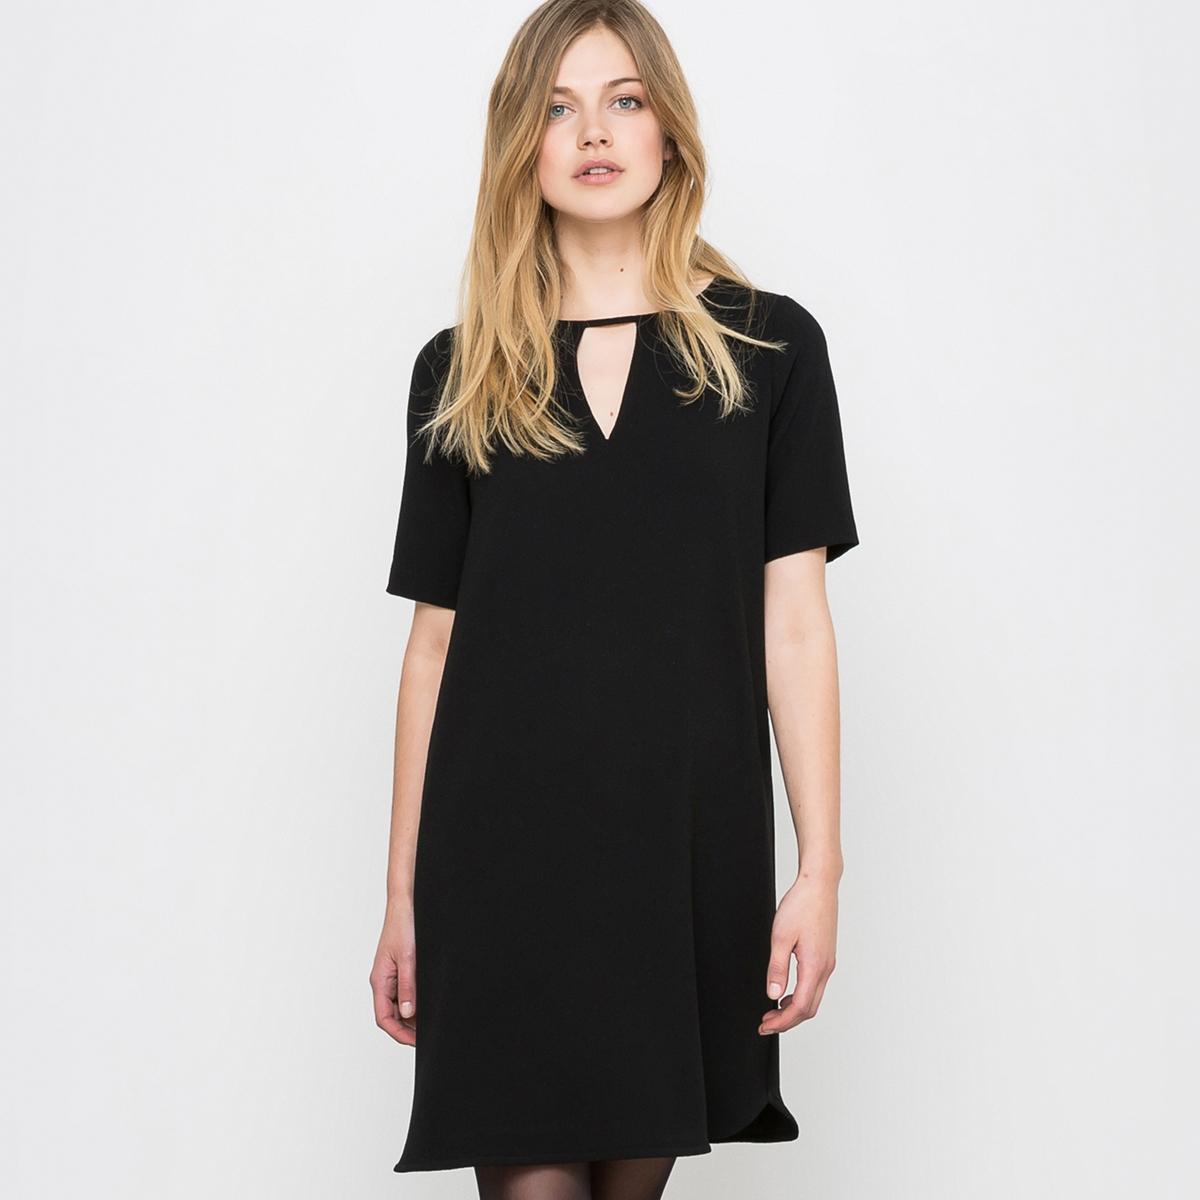 Платье прямоеПрямое платье. Круглый вырез с V-образным разрезом. Короткие рукава и прямой низ. Боковые разрезы внизу. 100% полиэстера. Длина. 89 см.    (Рекомендуется выбирать на один размер меньше Вашего обычного размера).<br><br>Цвет: зеленый<br>Размер: 42 (FR) - 48 (RUS)